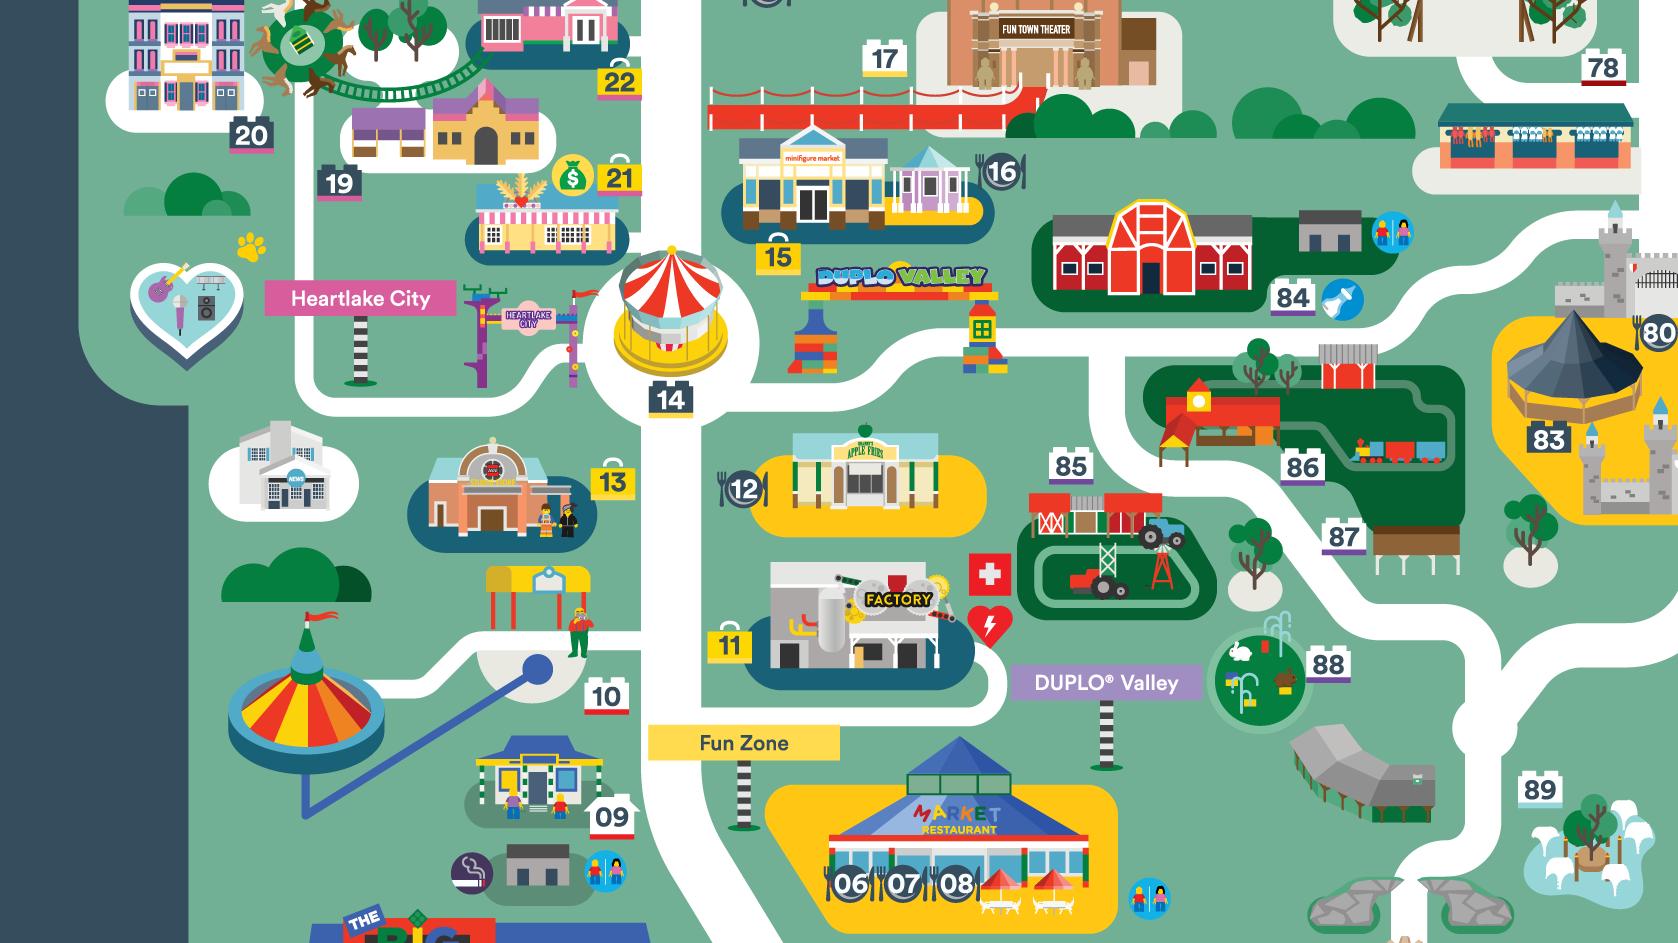 Legoland Map Florida.Legoland Florida Map 2016 On Behance